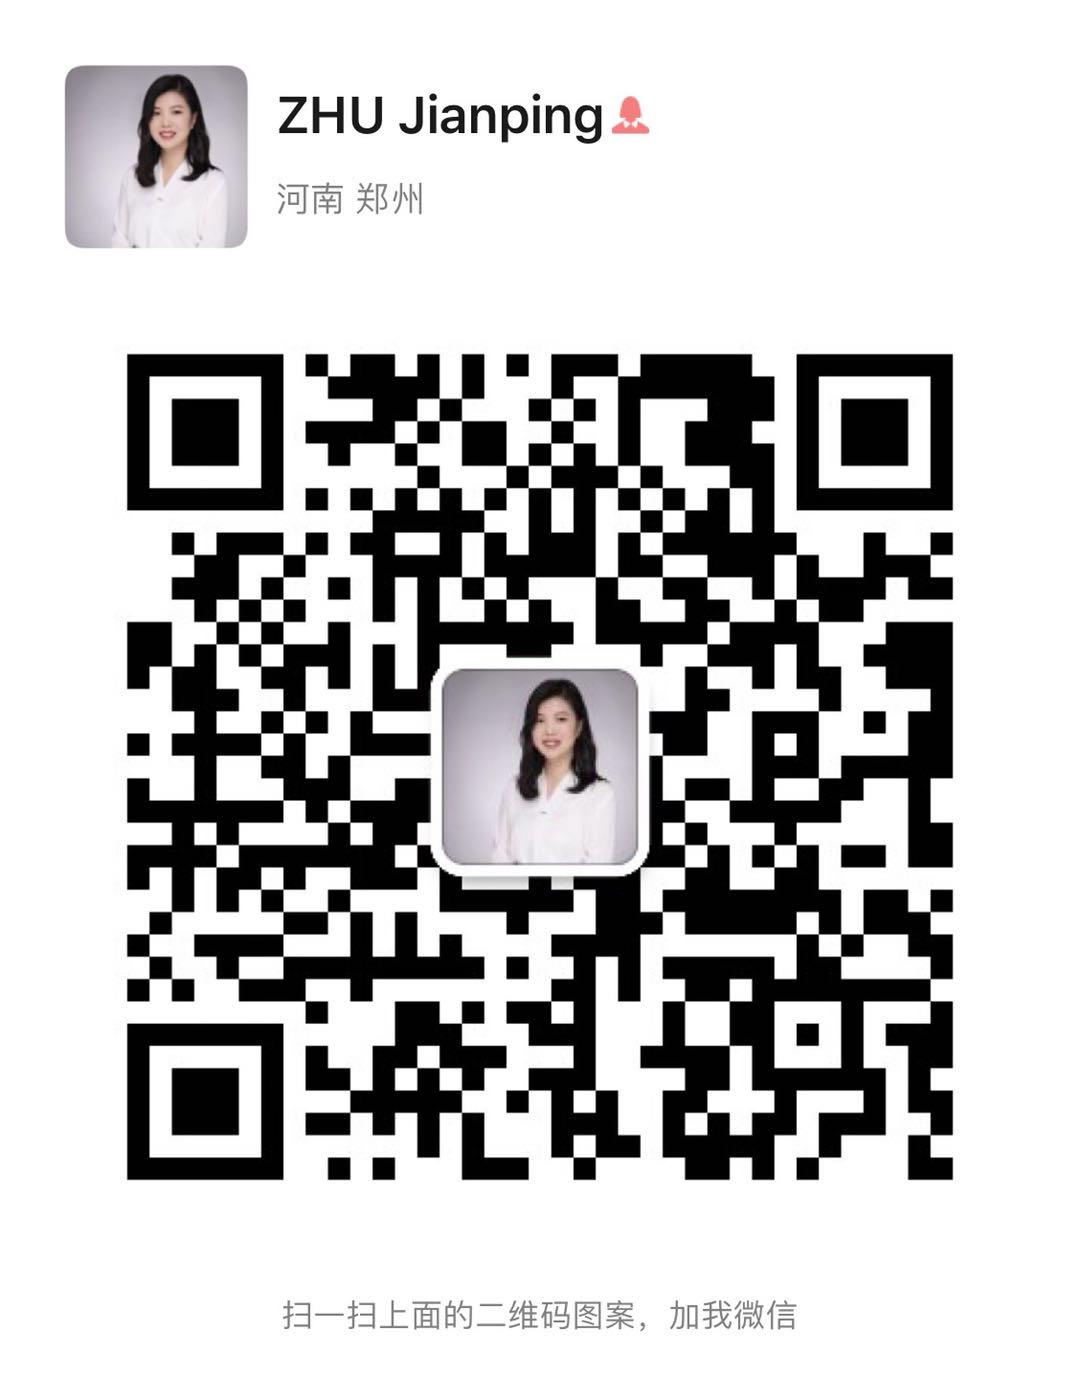 朱建萍律师